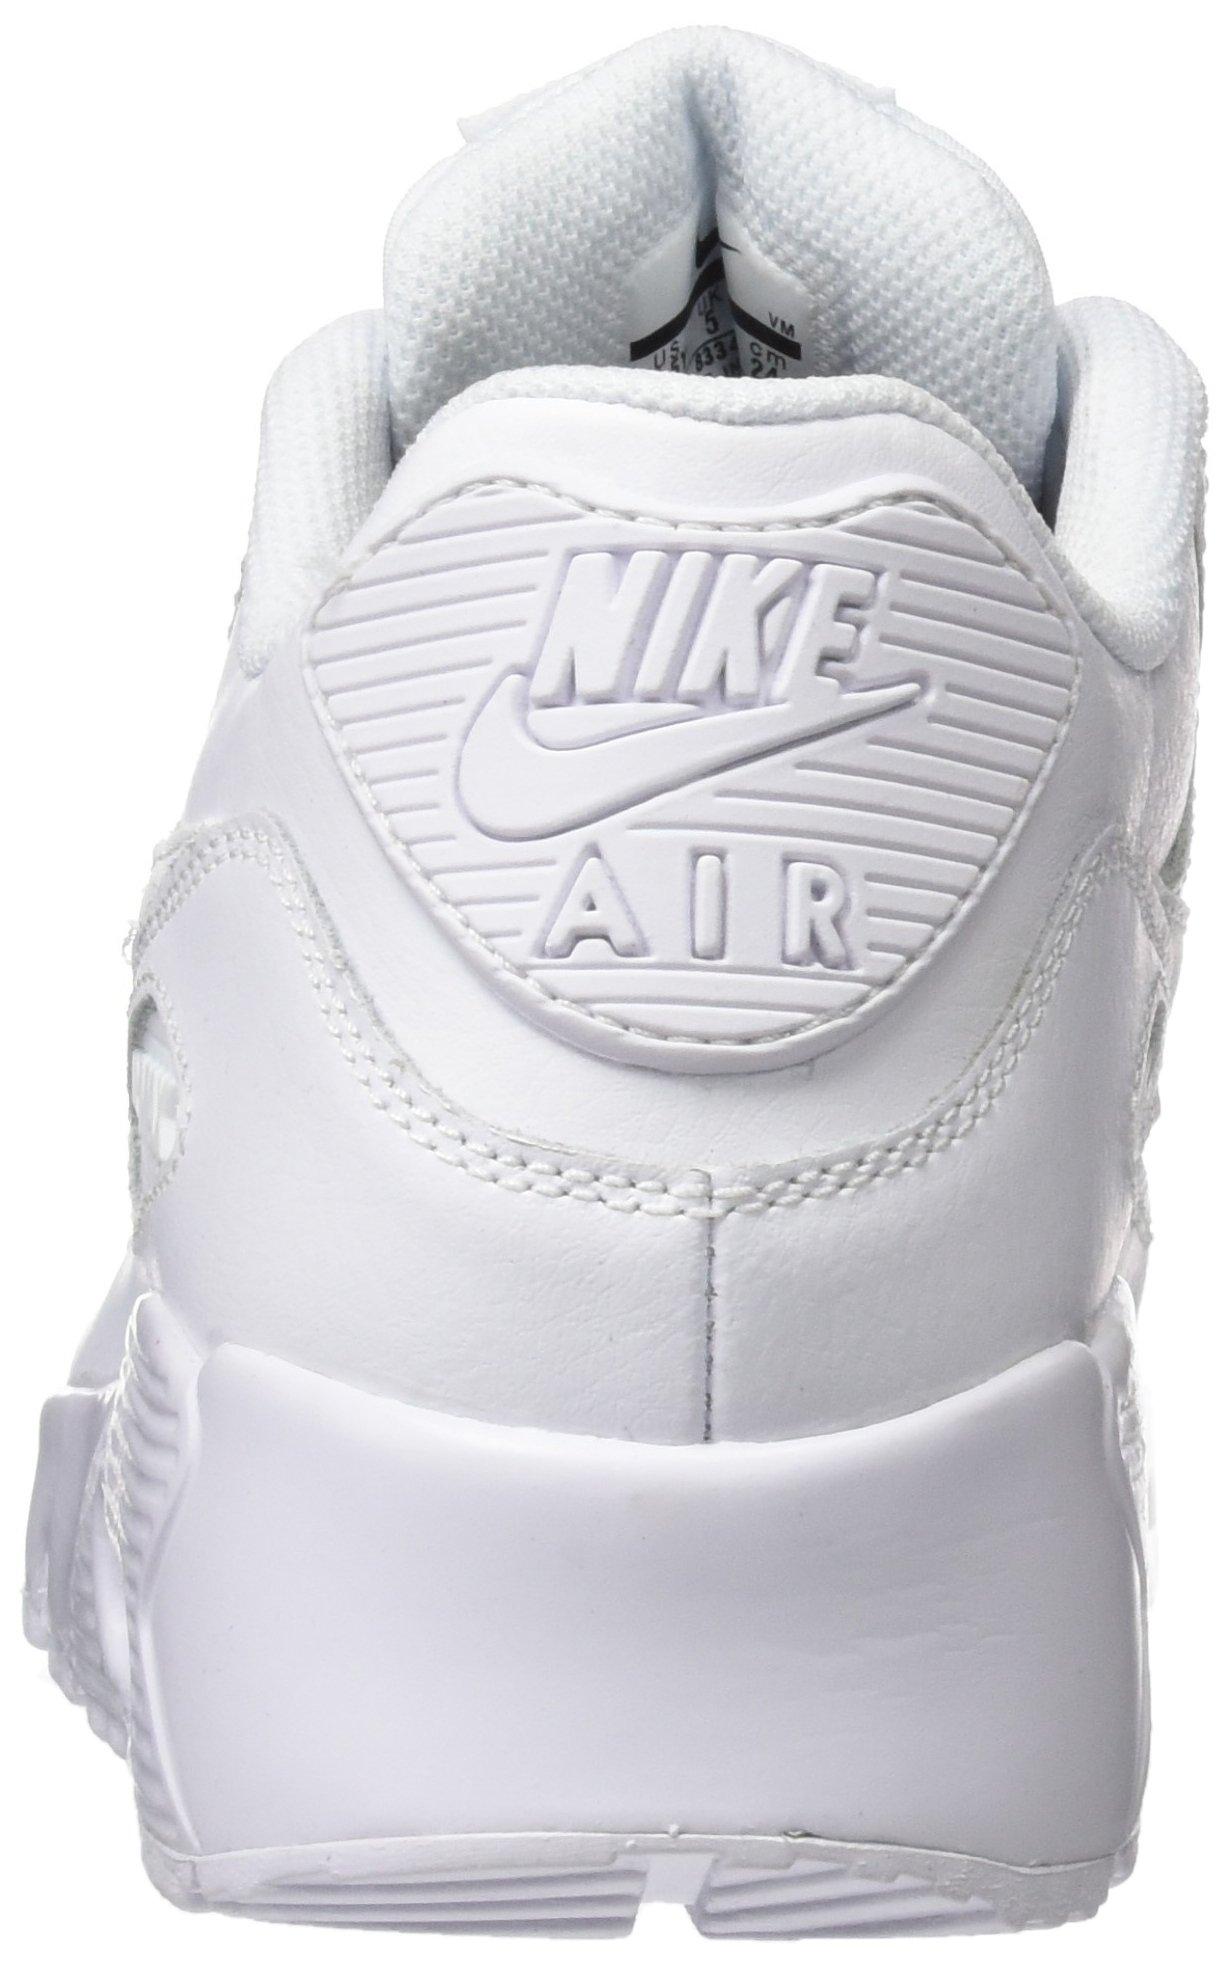 Nike Air Max 90 Ltr (Gs), Scarpe da Trail Running Bambino